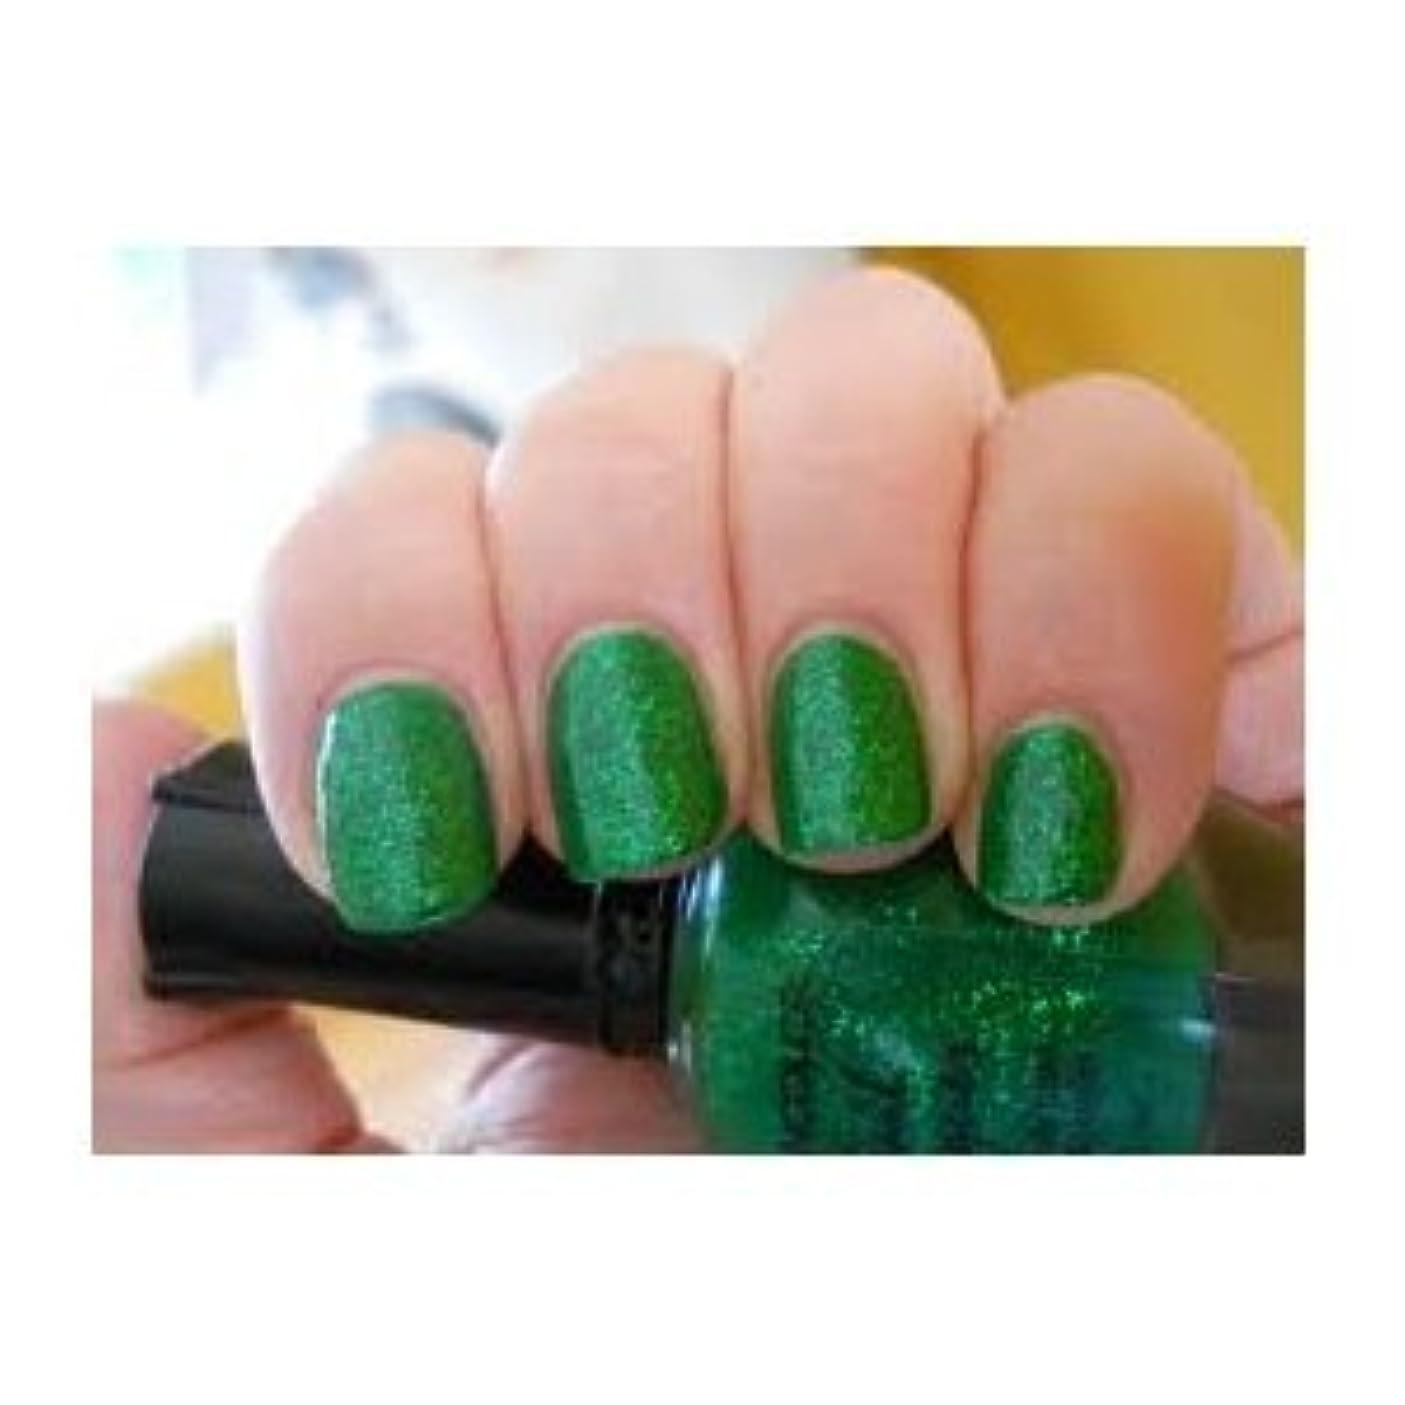 シャー完璧帝国主義KLEANCOLOR Nail Lacquer 2 - Green Grass (並行輸入品)